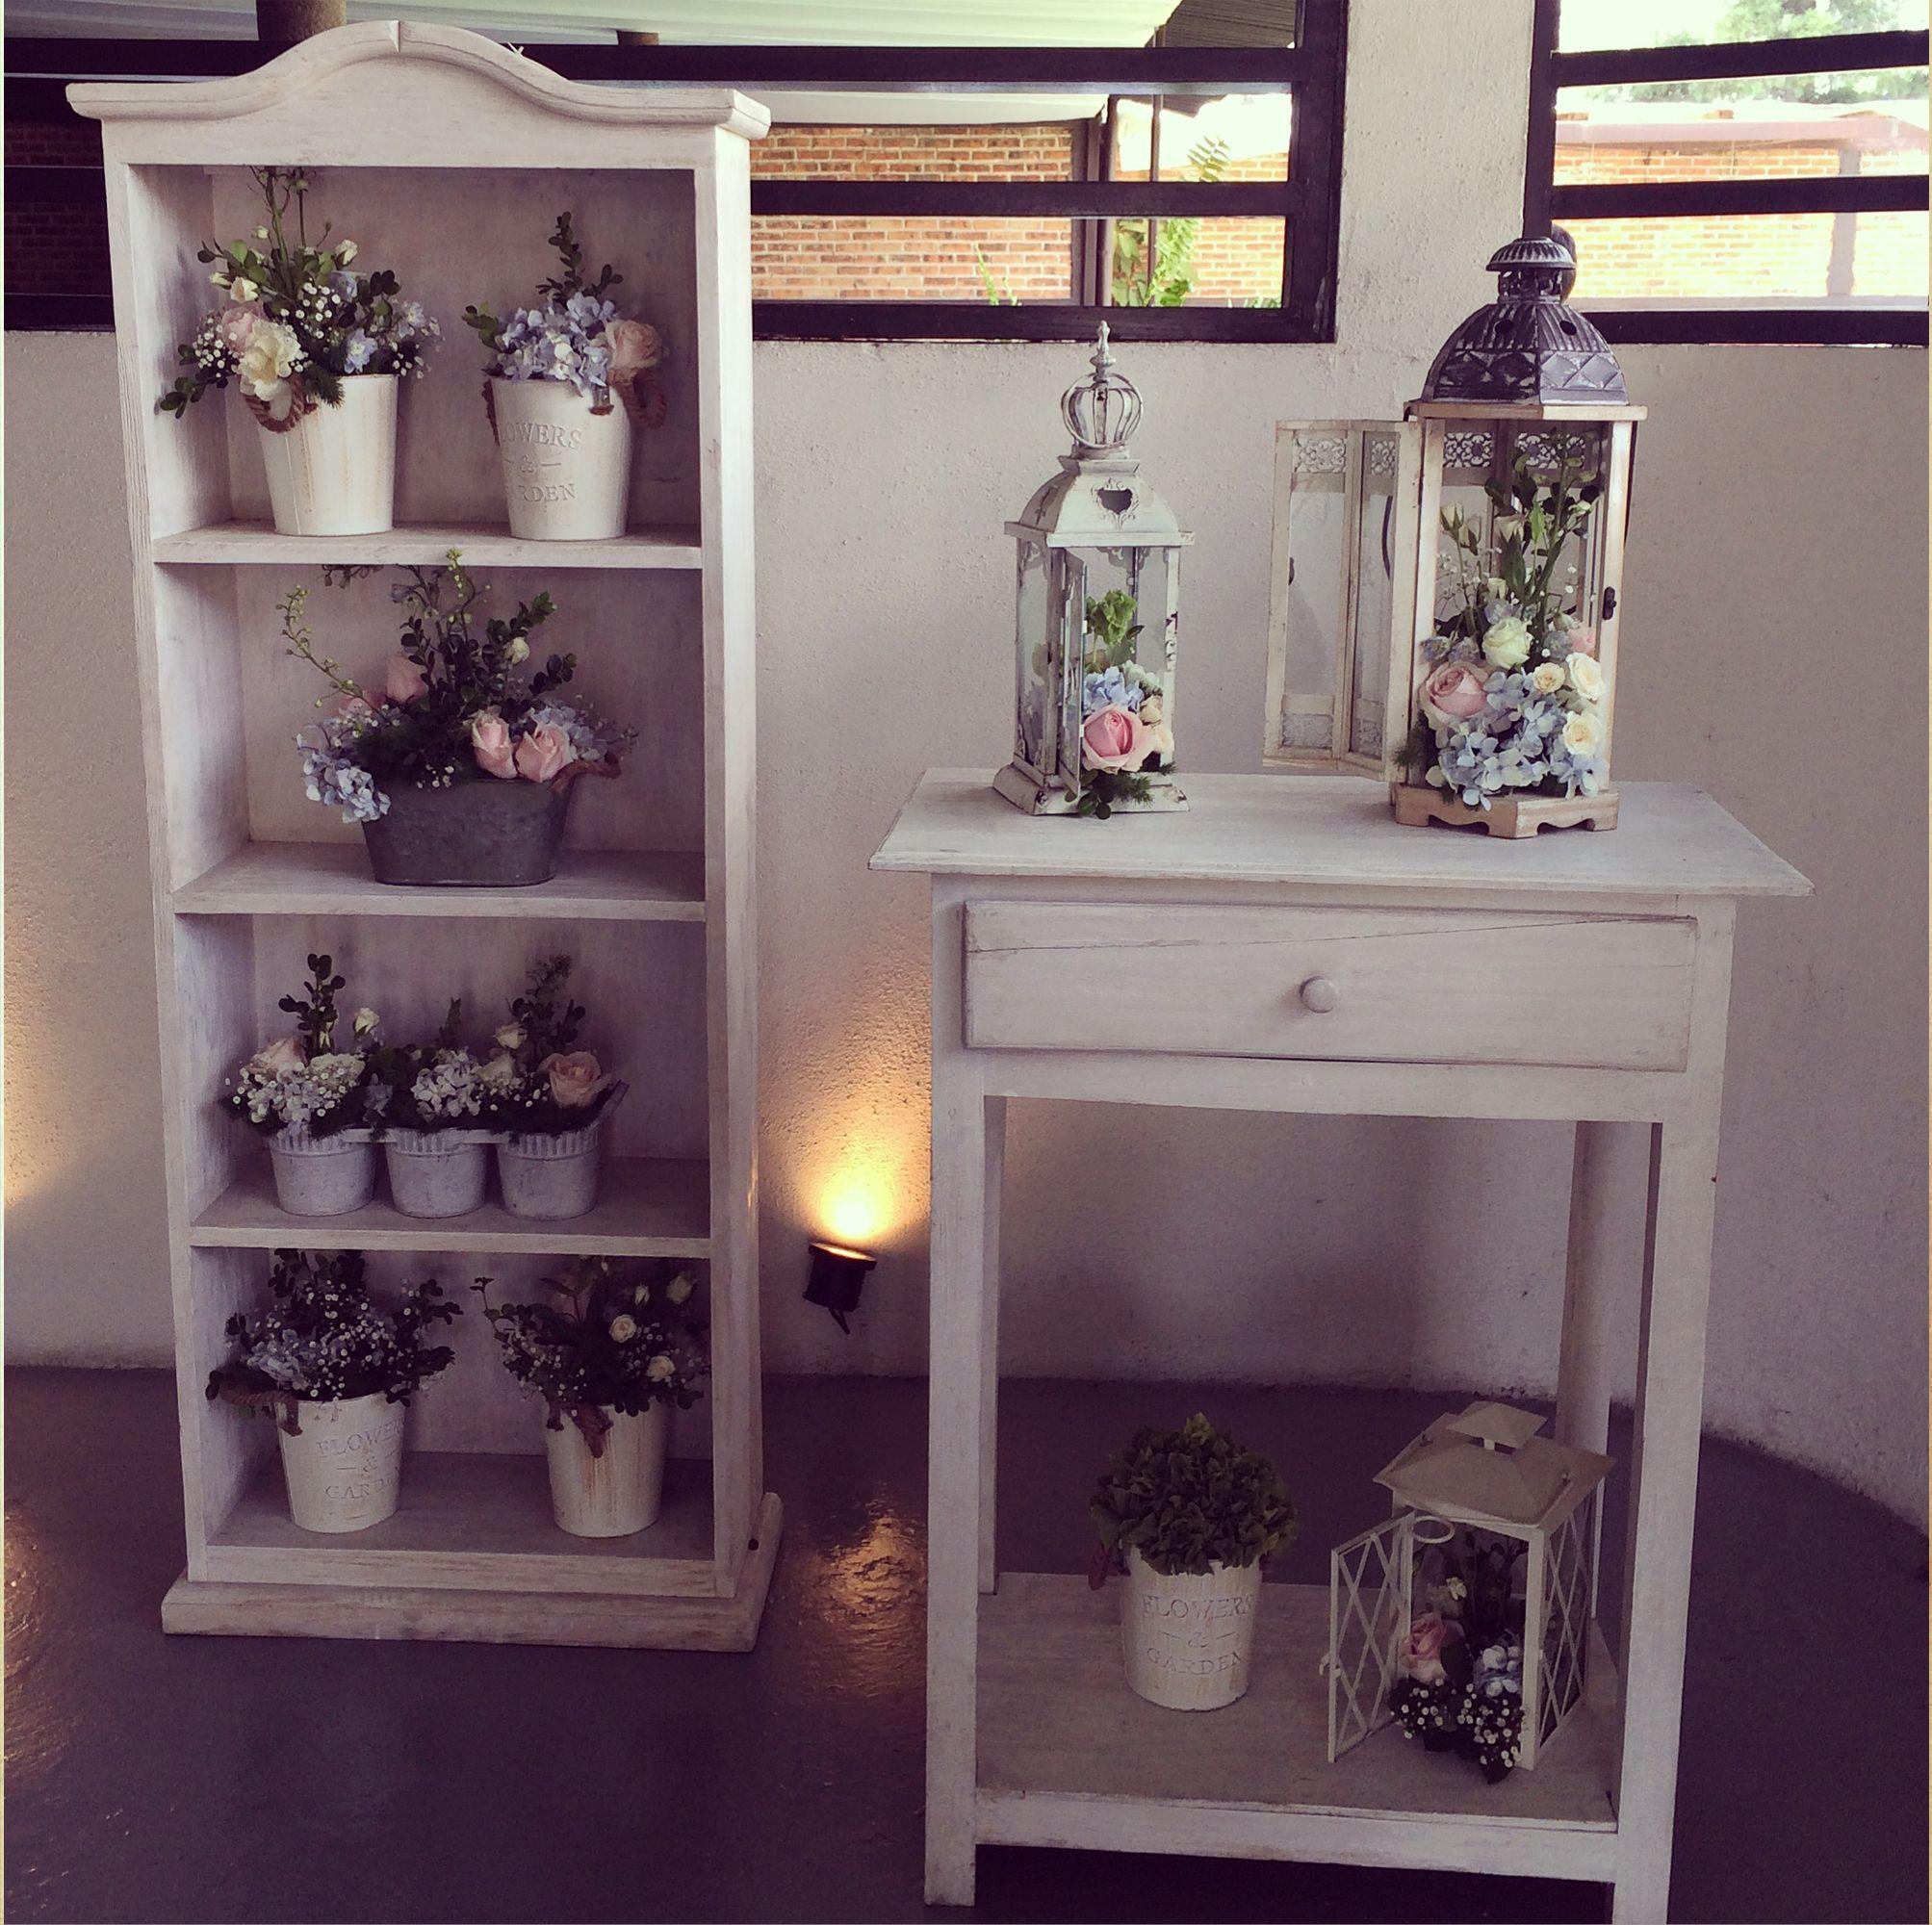 Recibidor De Invitados Detalles Con Flores En Tonos Rosas  # Muebles Agustin Moana